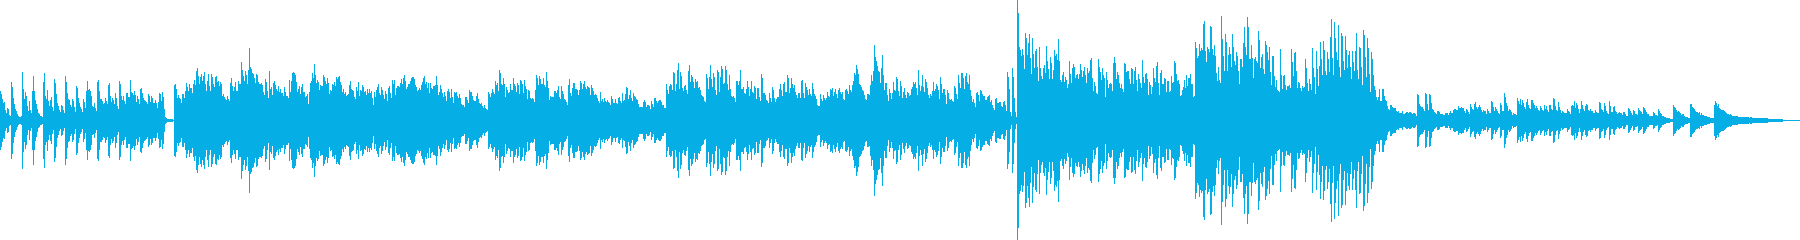 メルヘンな雰囲気が漂うピアノソロの再生済みの波形